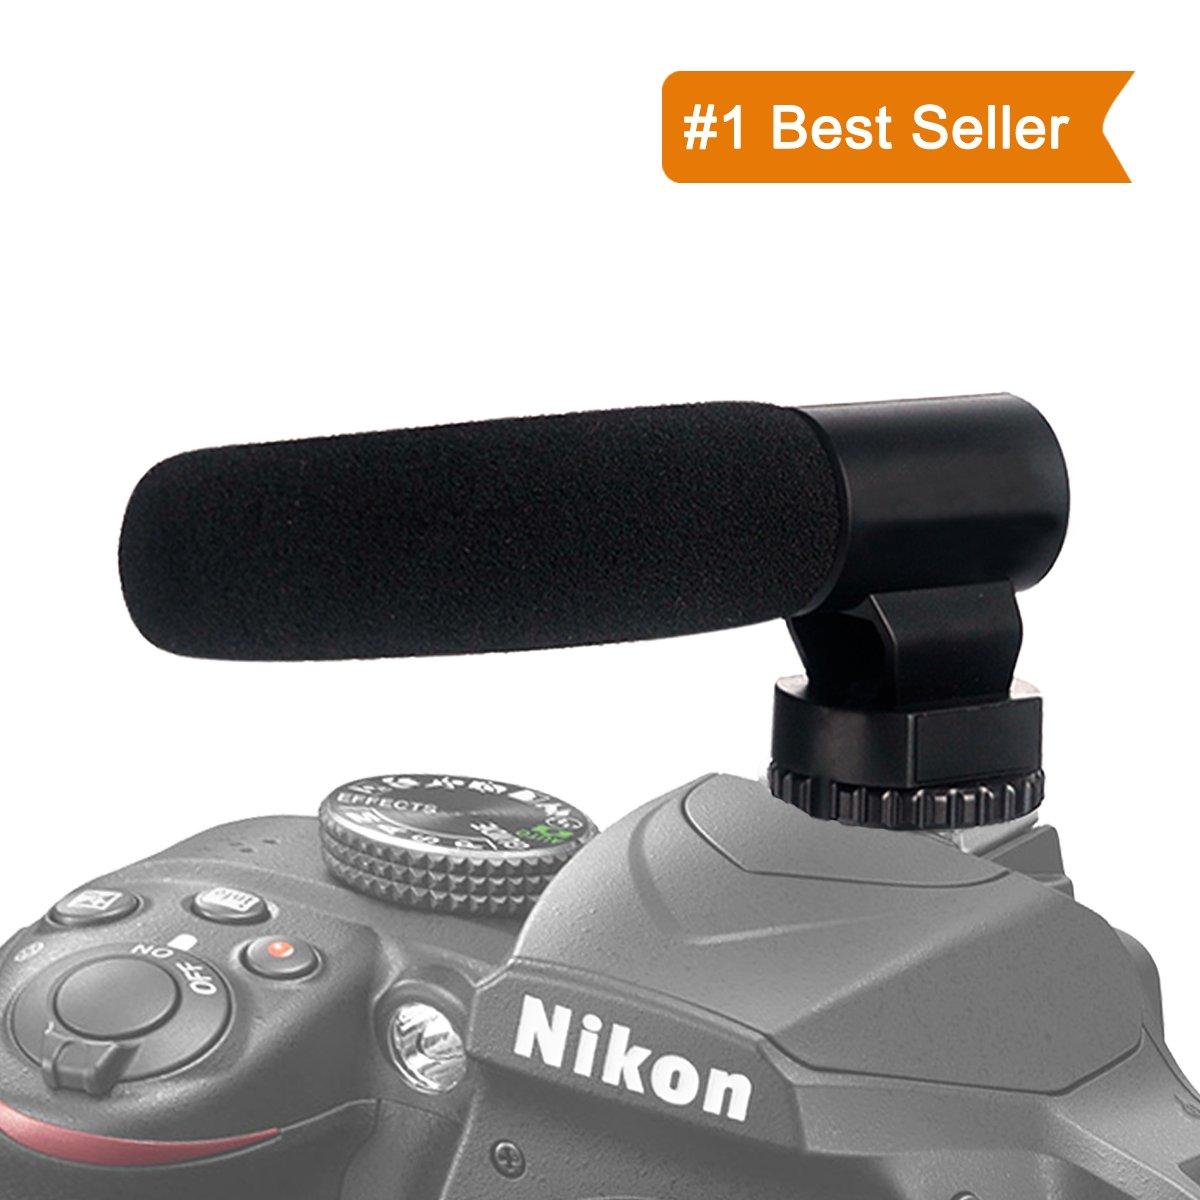 ATNY ATM-909ライトショットガンビデオNikon / Canaonカメラ/ DVビデオカメラ、プロフェッショナルビデオ、写真撮影、写真撮影、3.5mmコネクタとのインタビューのためのマイク